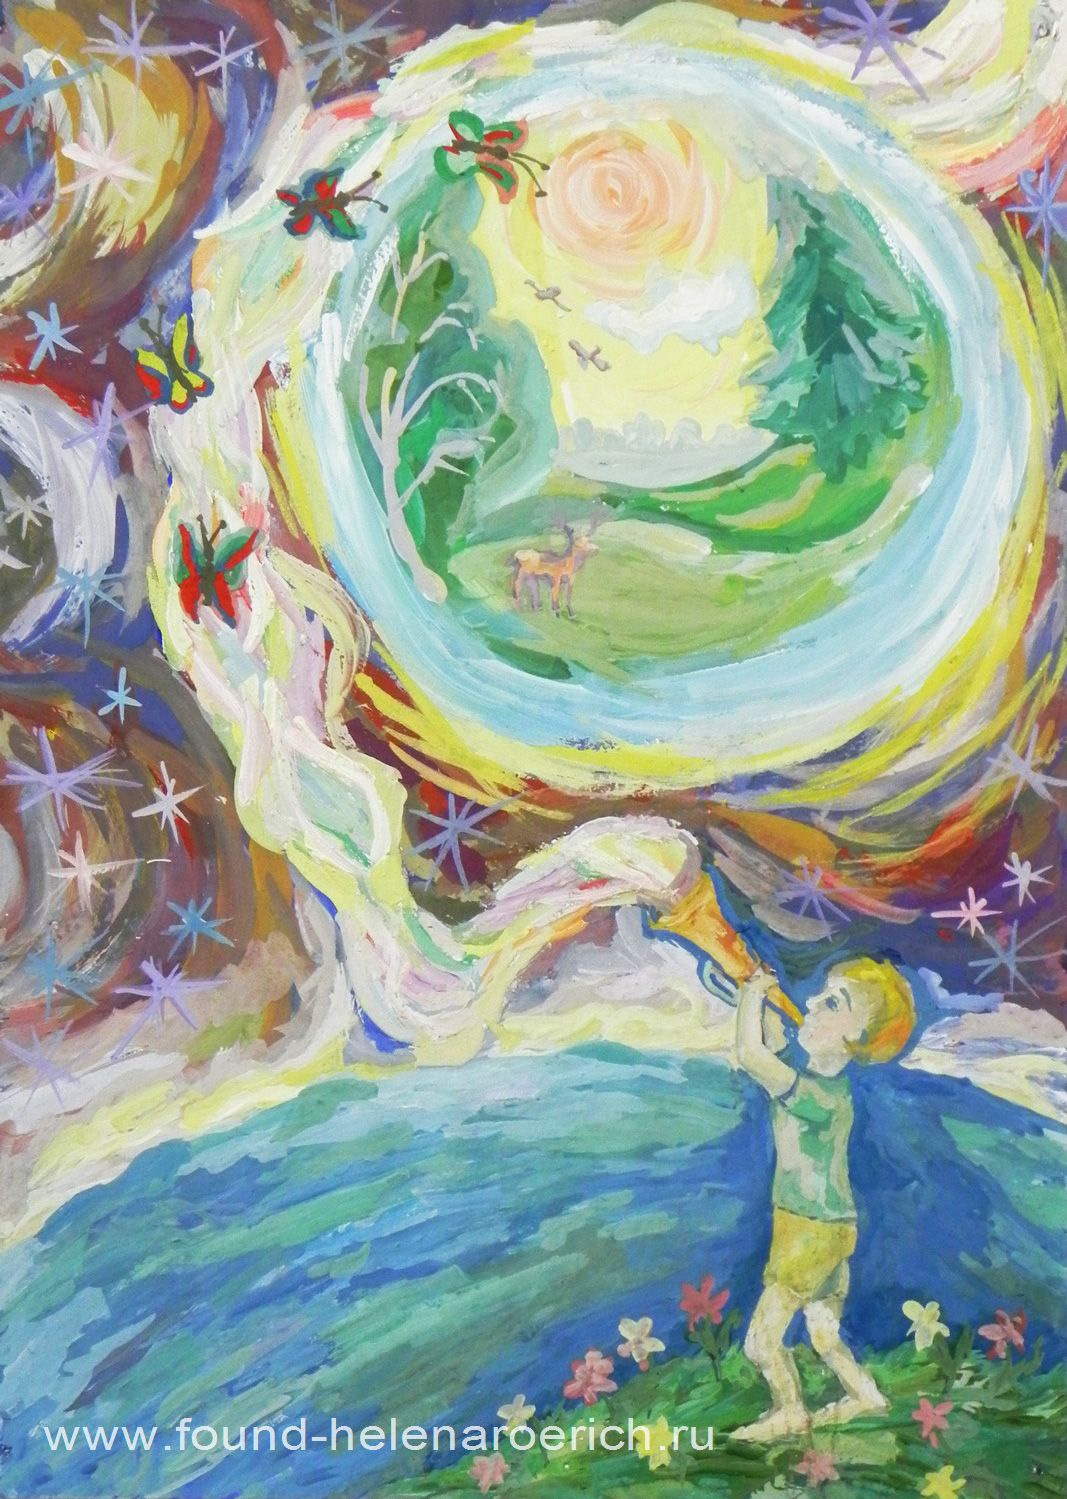 Минайло Маша, 14 лет. Музыка Вселенной. Космическая галерея Благотворительного Фонда имени Е.И.Рерих